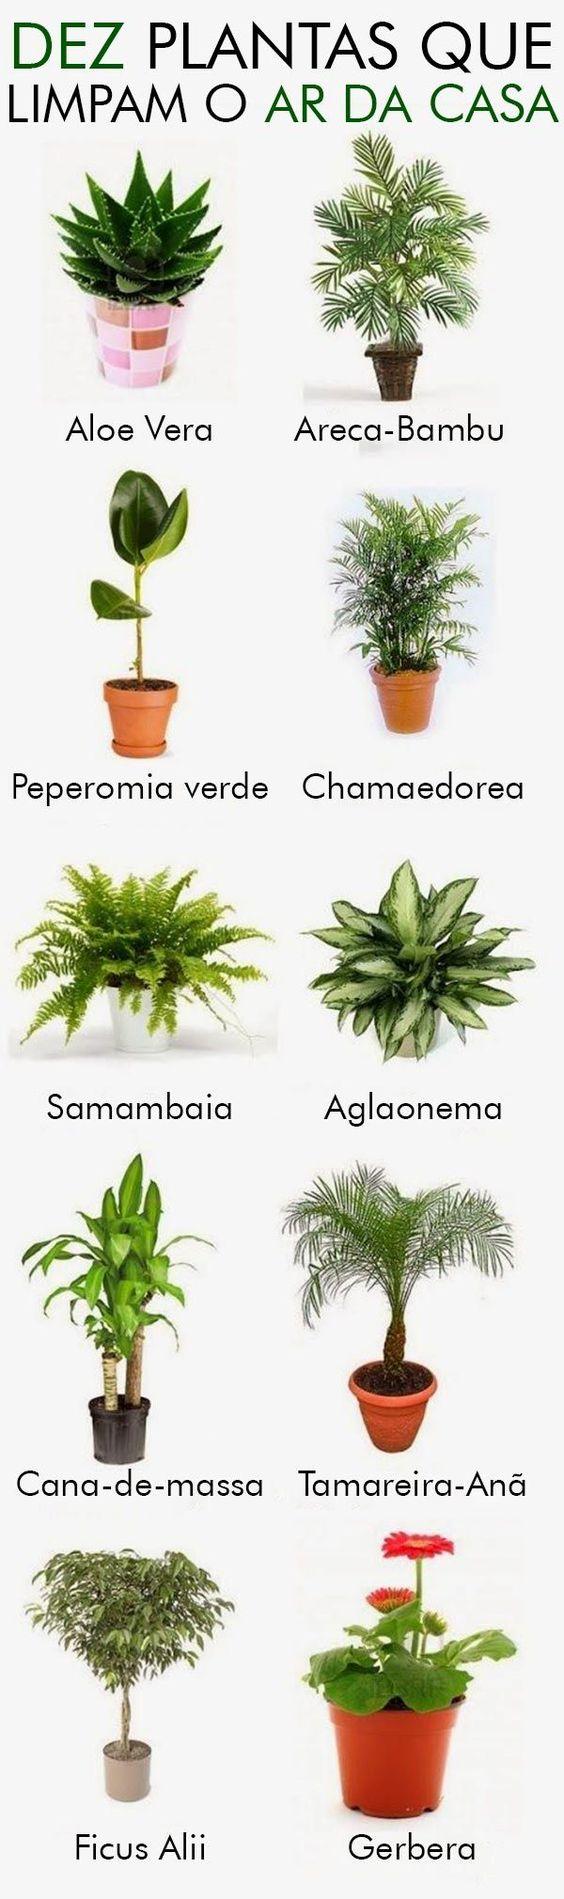 Plantas-que-purificam-o-ar.